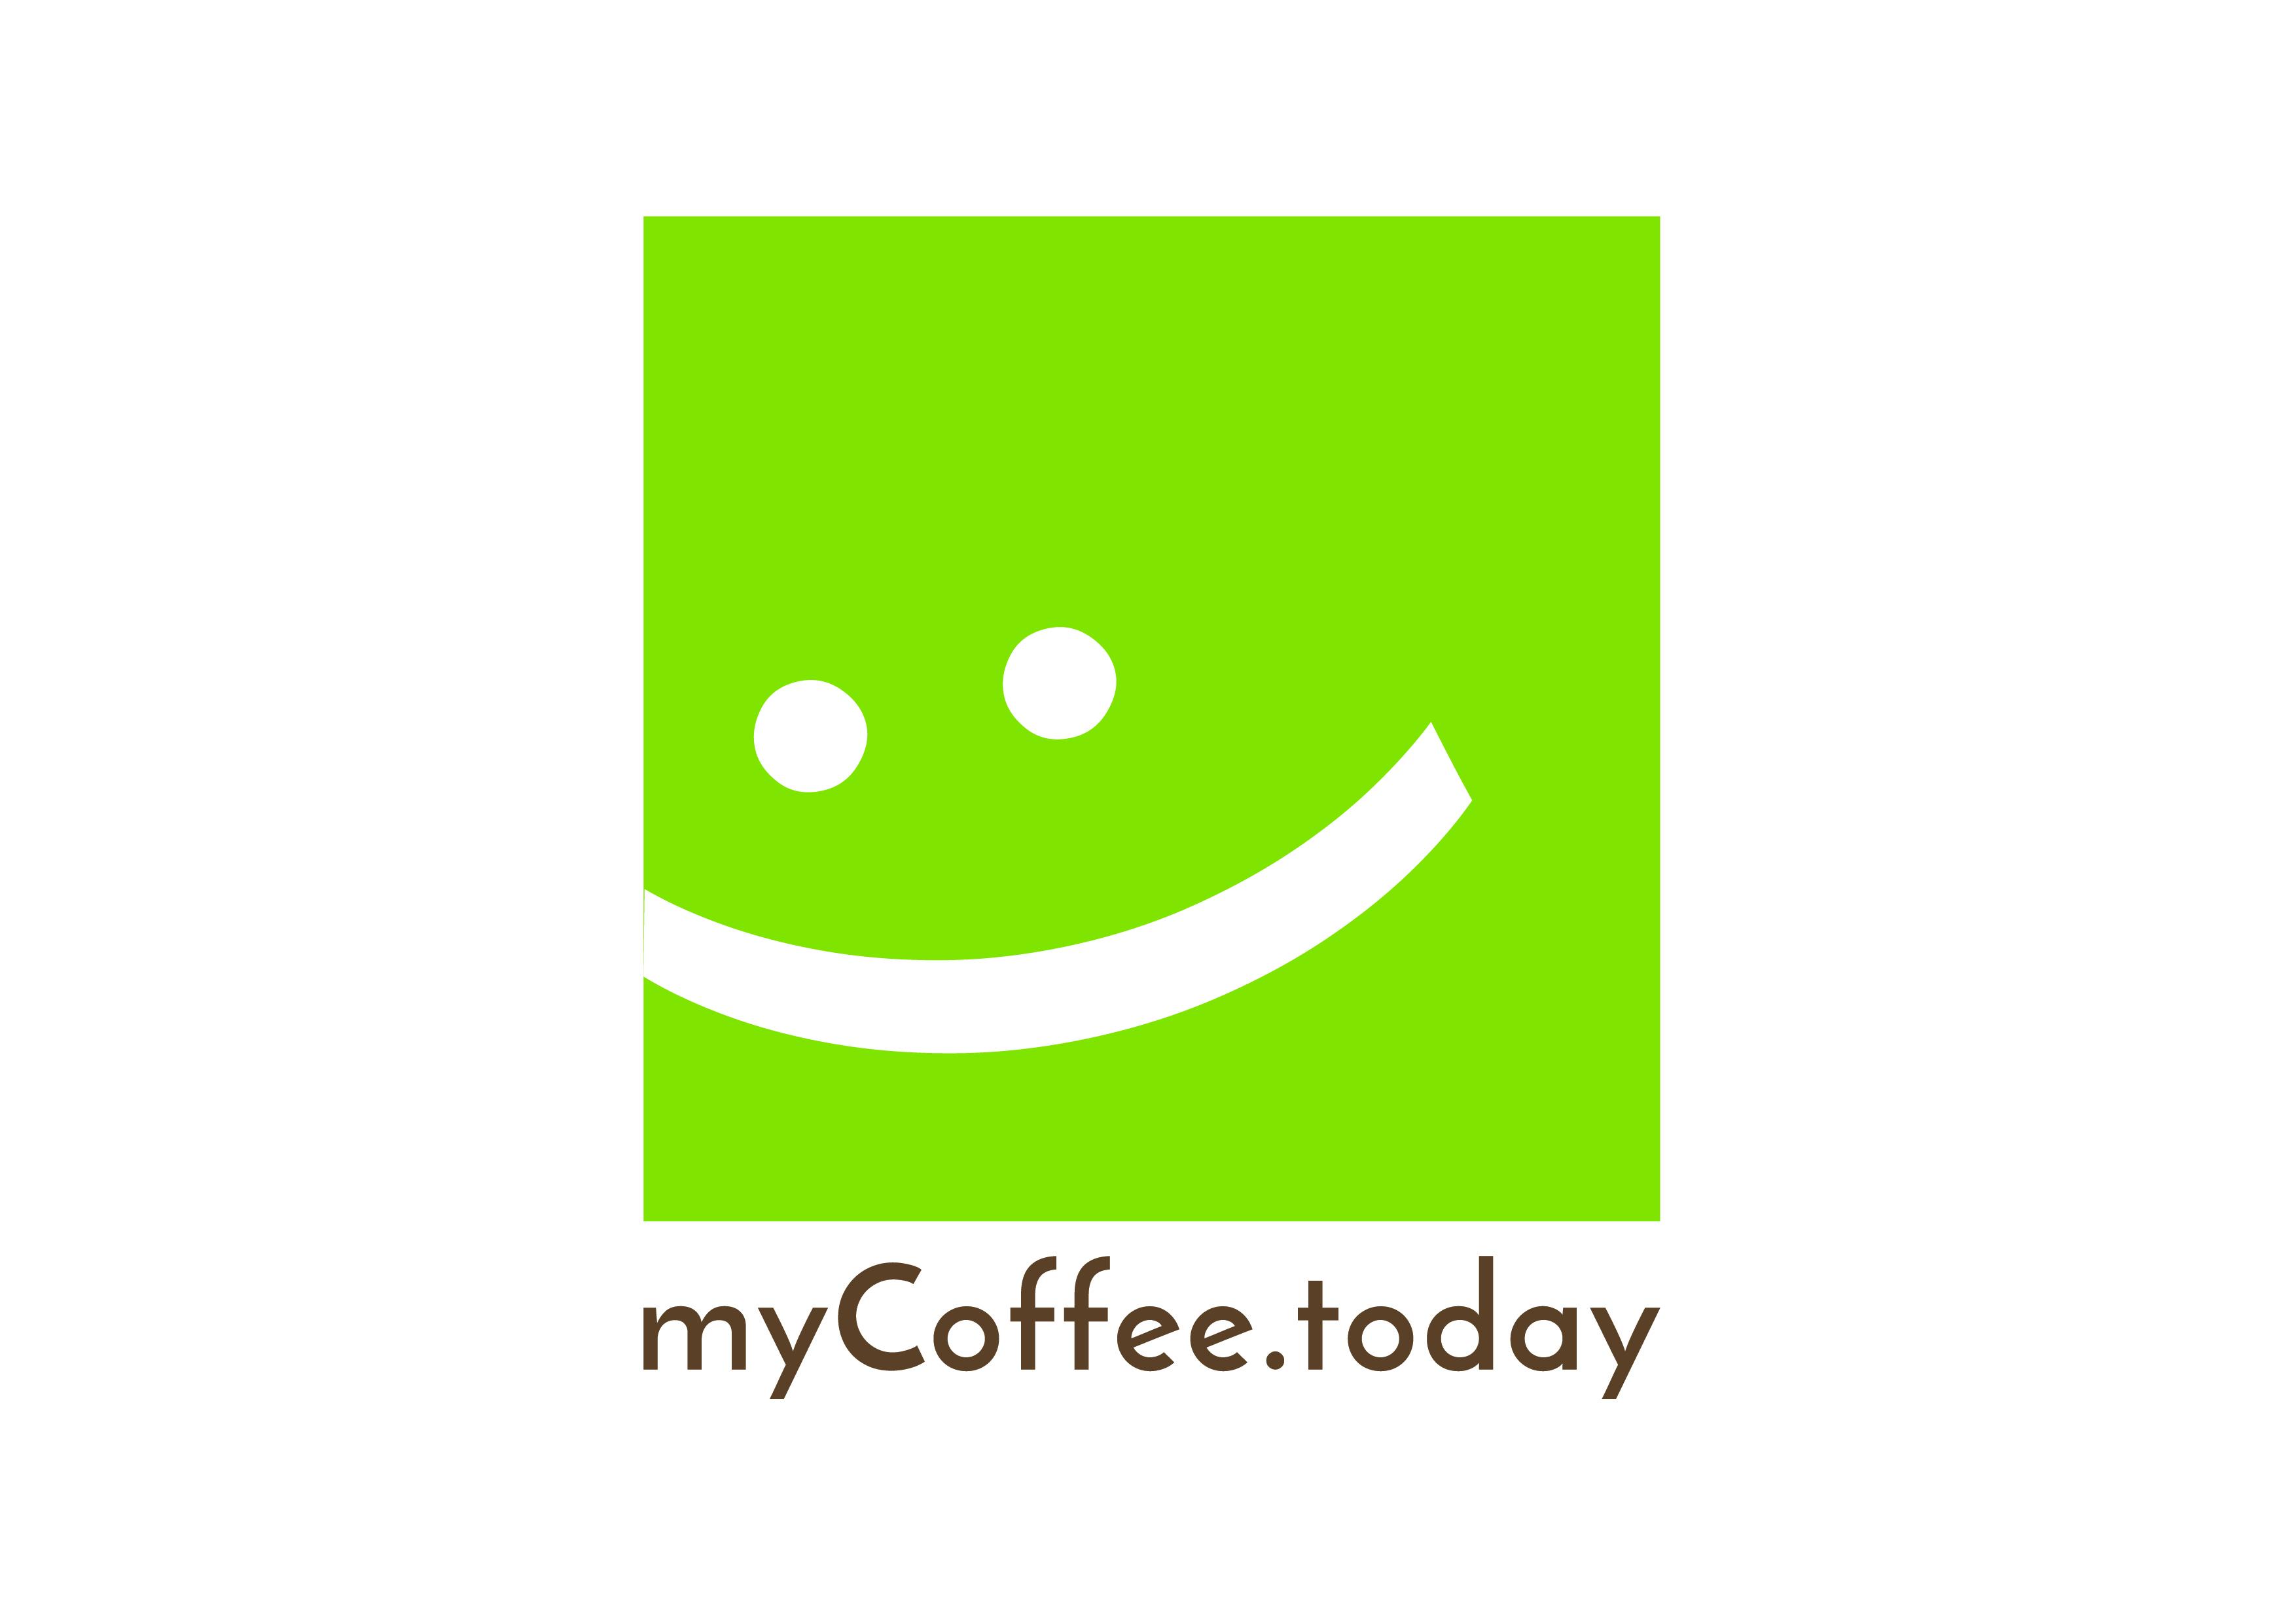 myCoffee.today